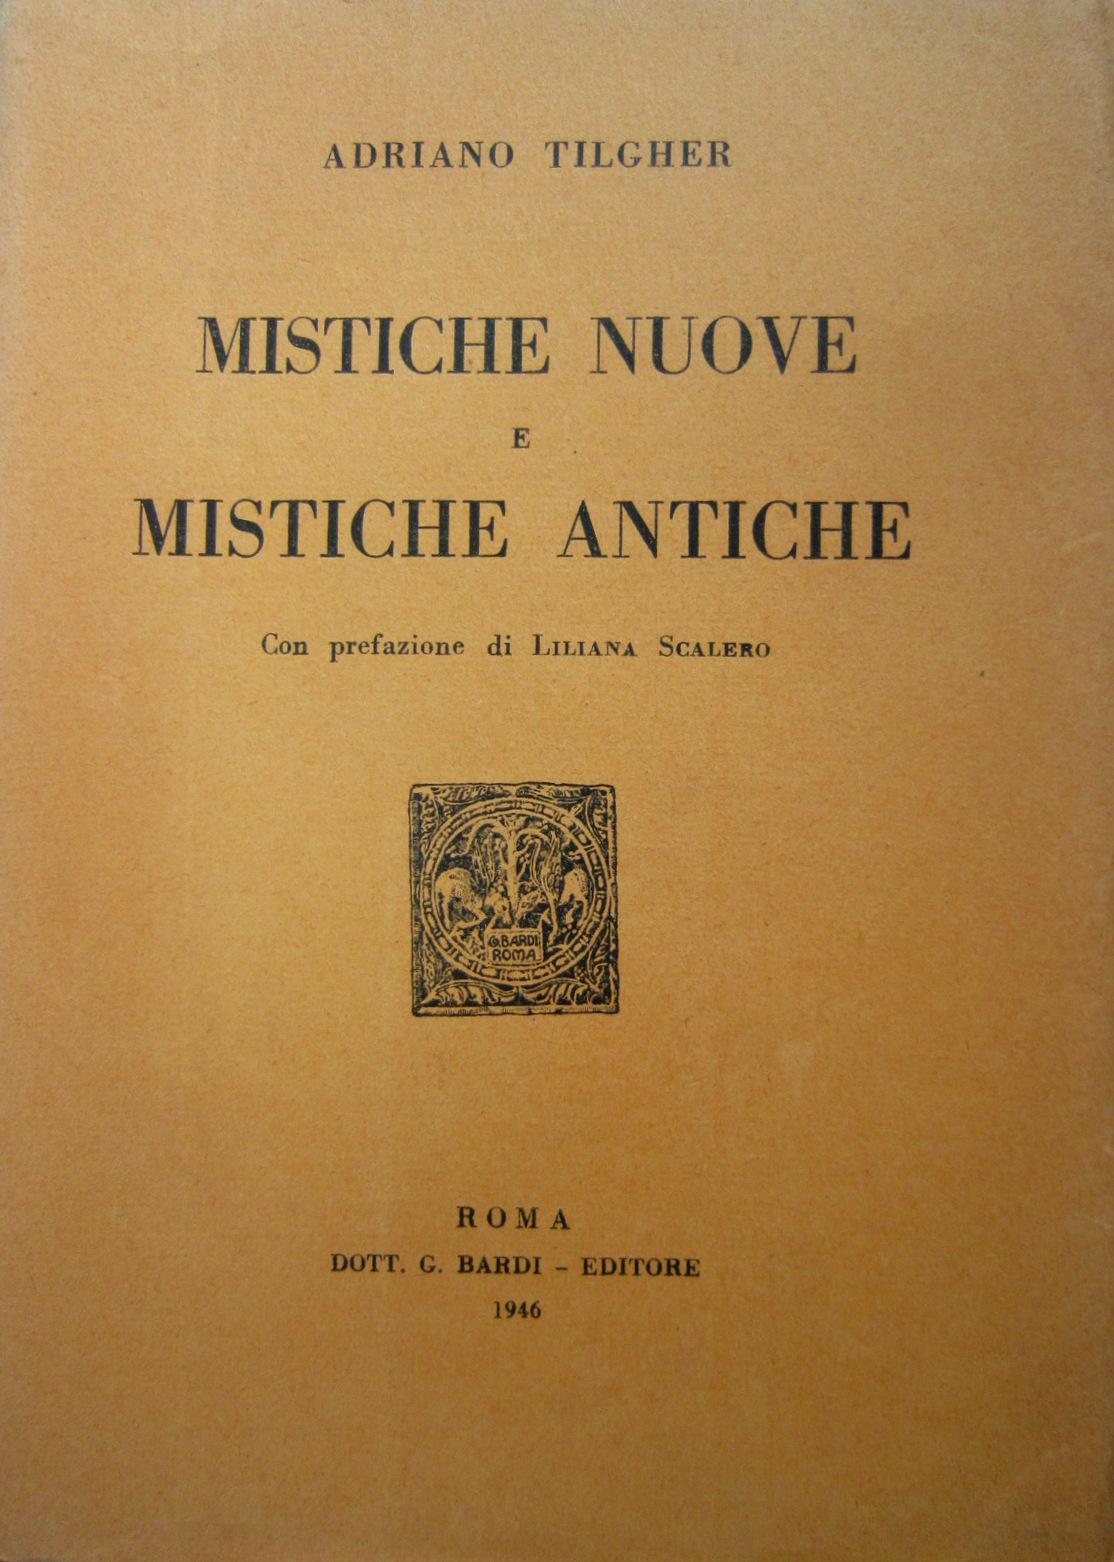 Mistiche nuove e mistiche antiche